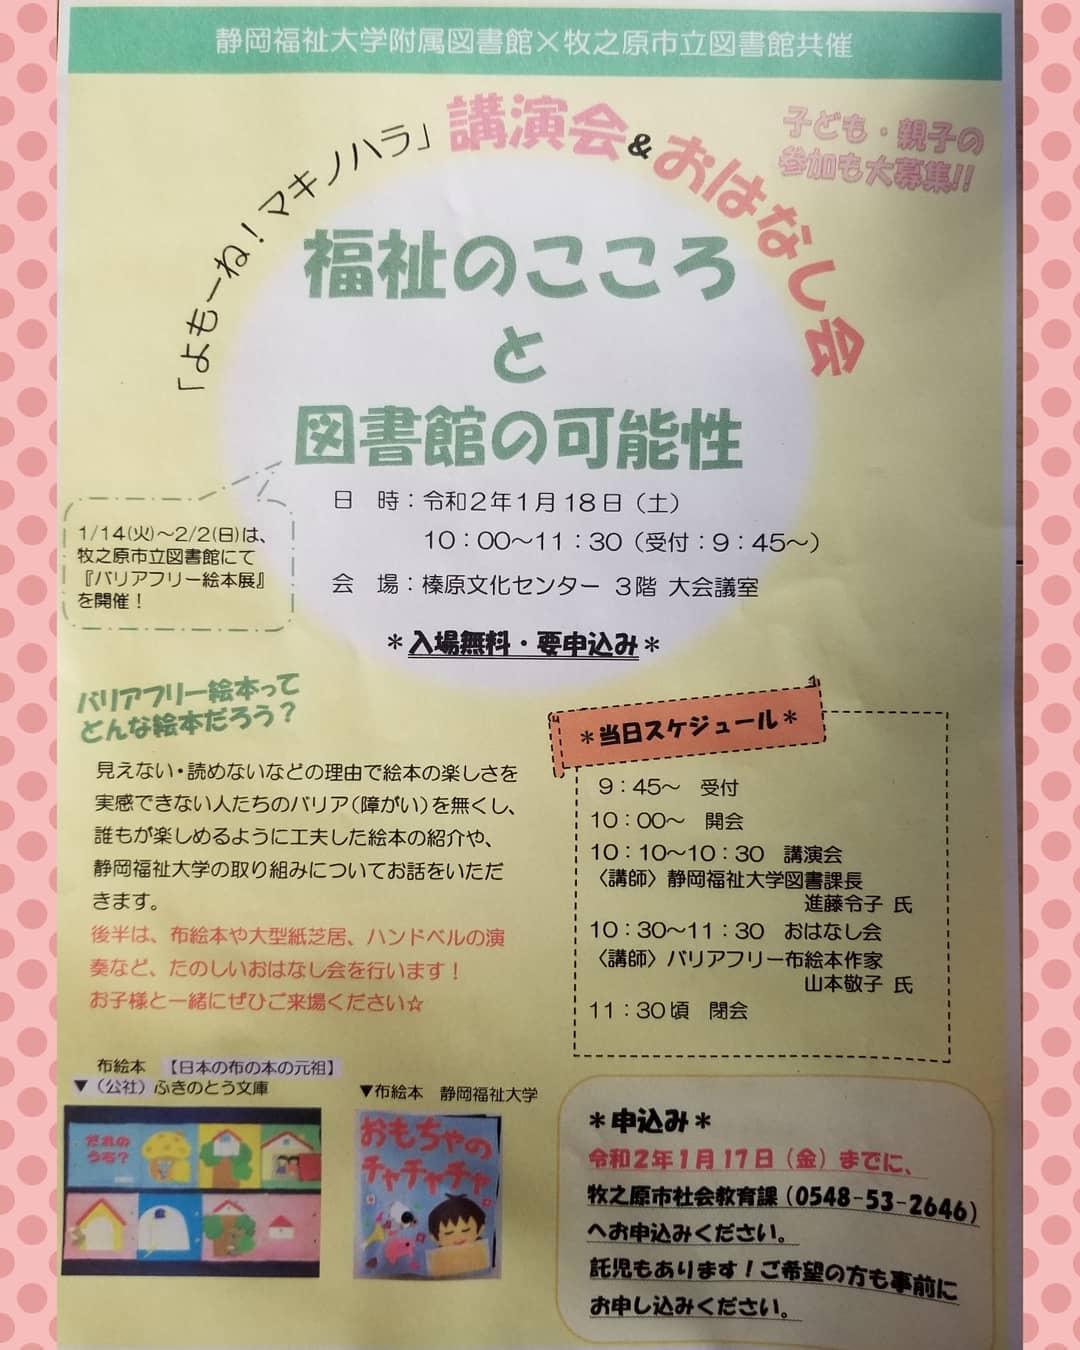 ☆(福祉のこころの図書館の可能性)